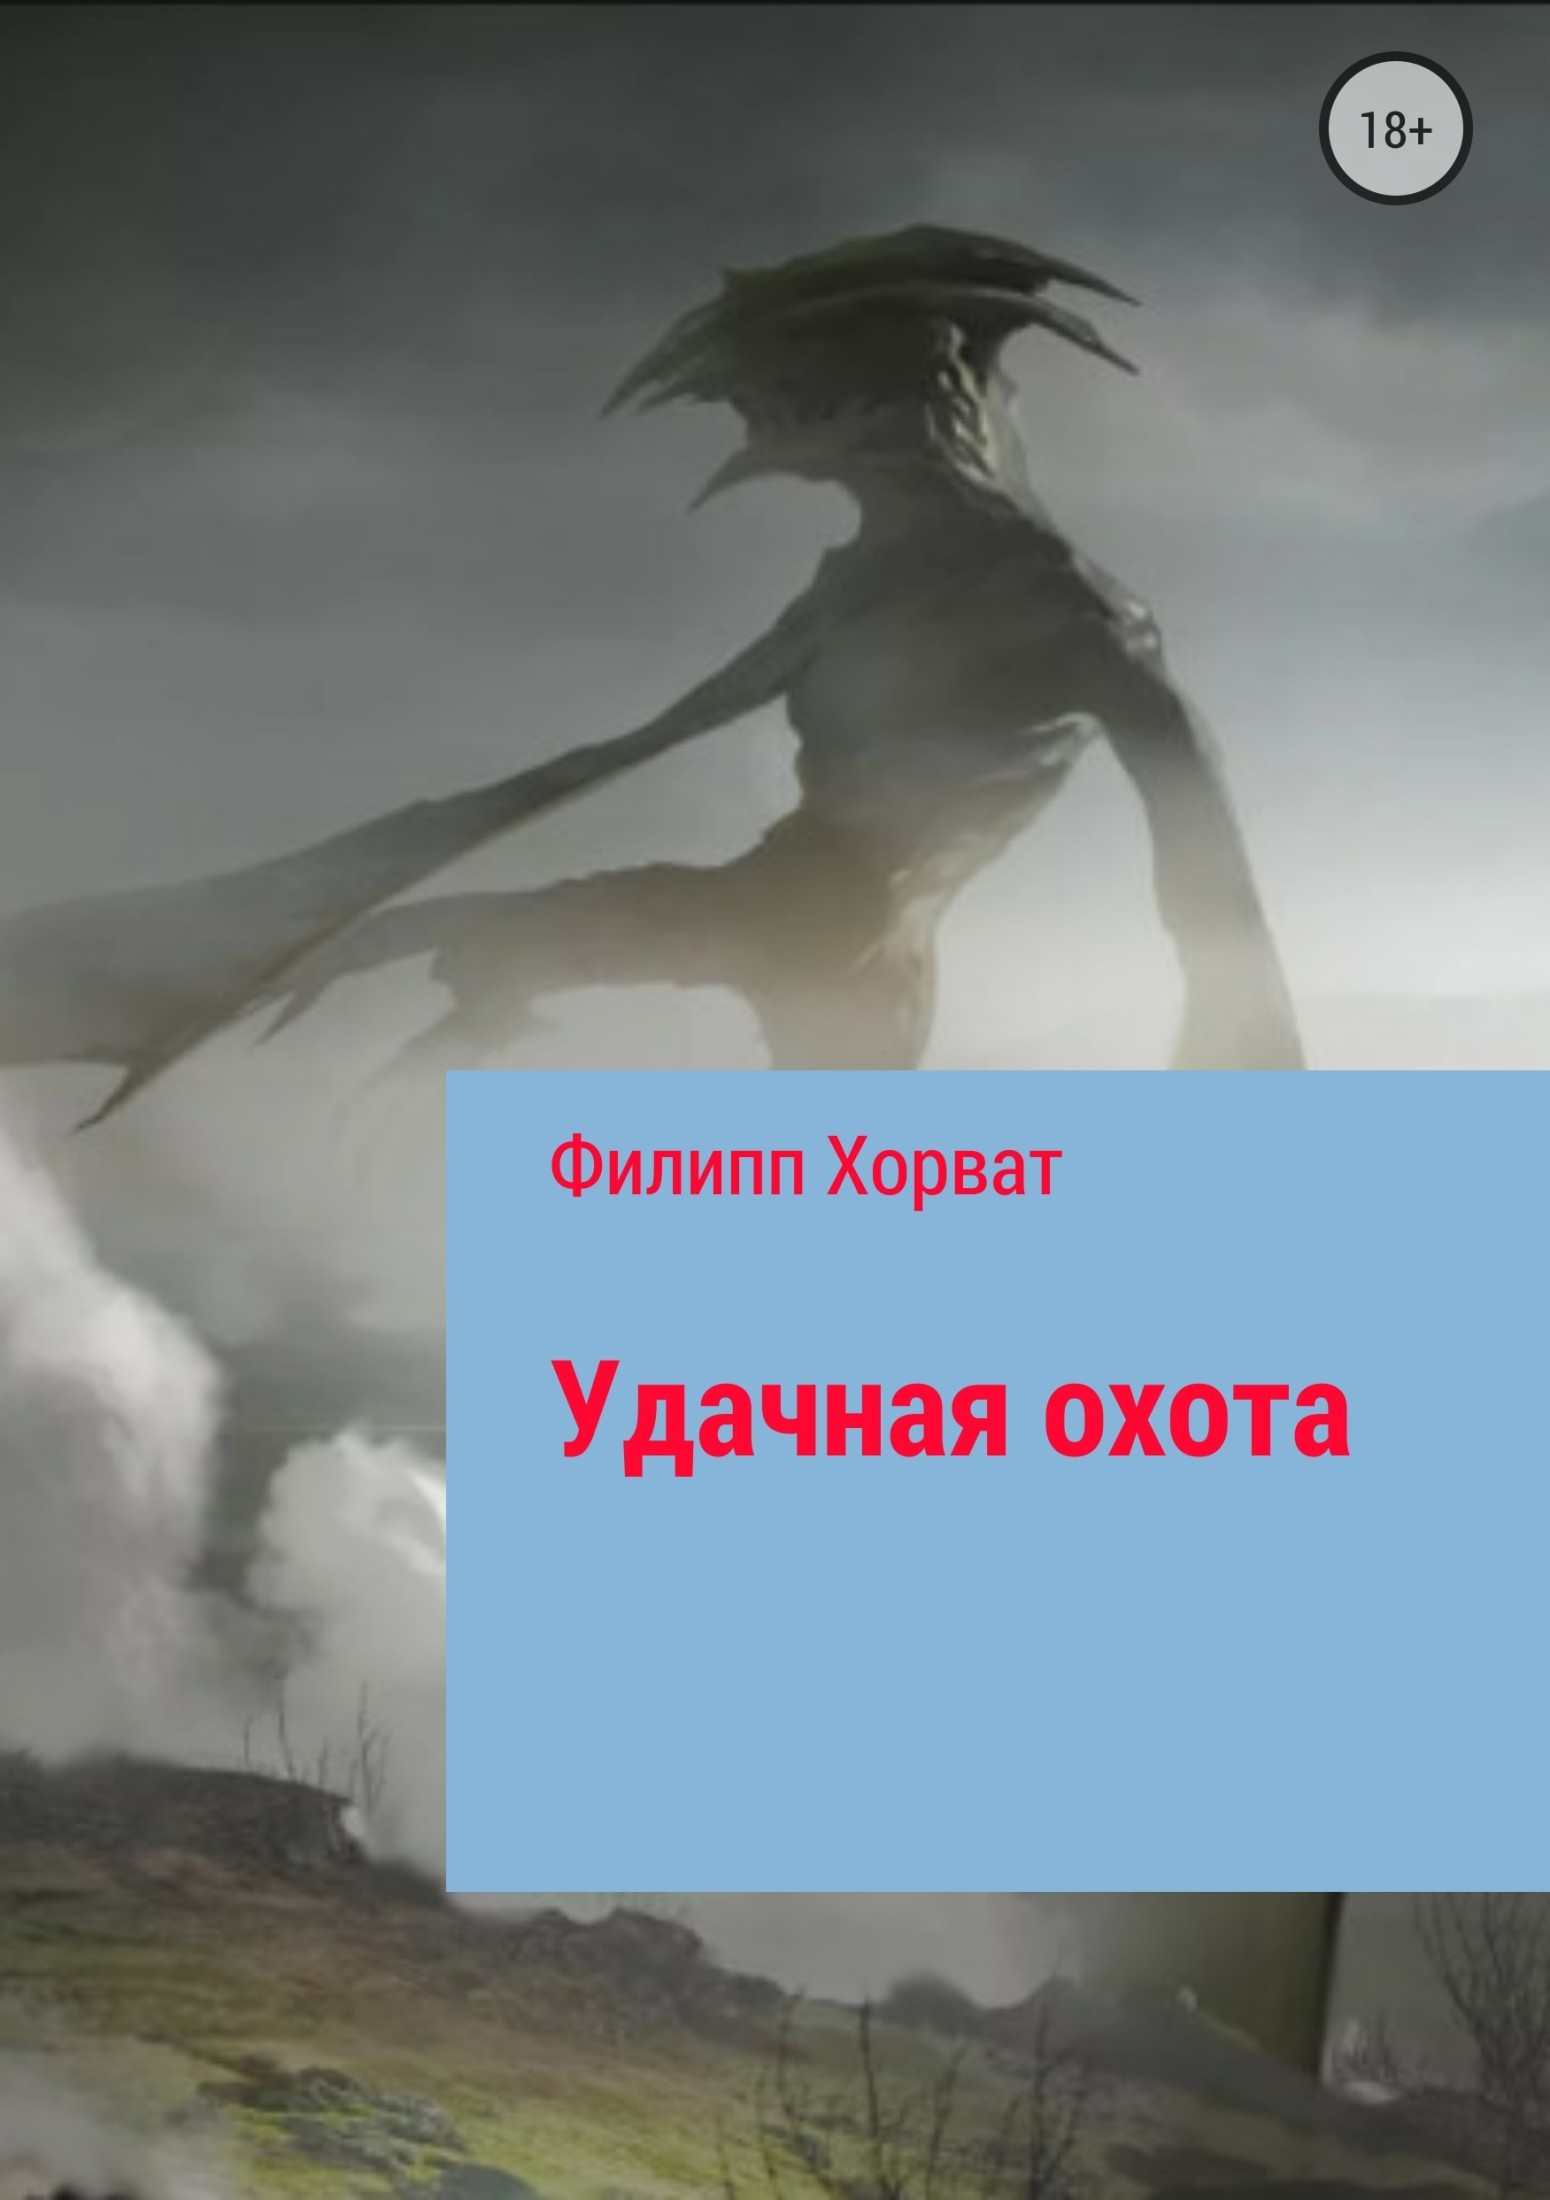 Филипп Андреевич Хорват Удачная охота тарифный план